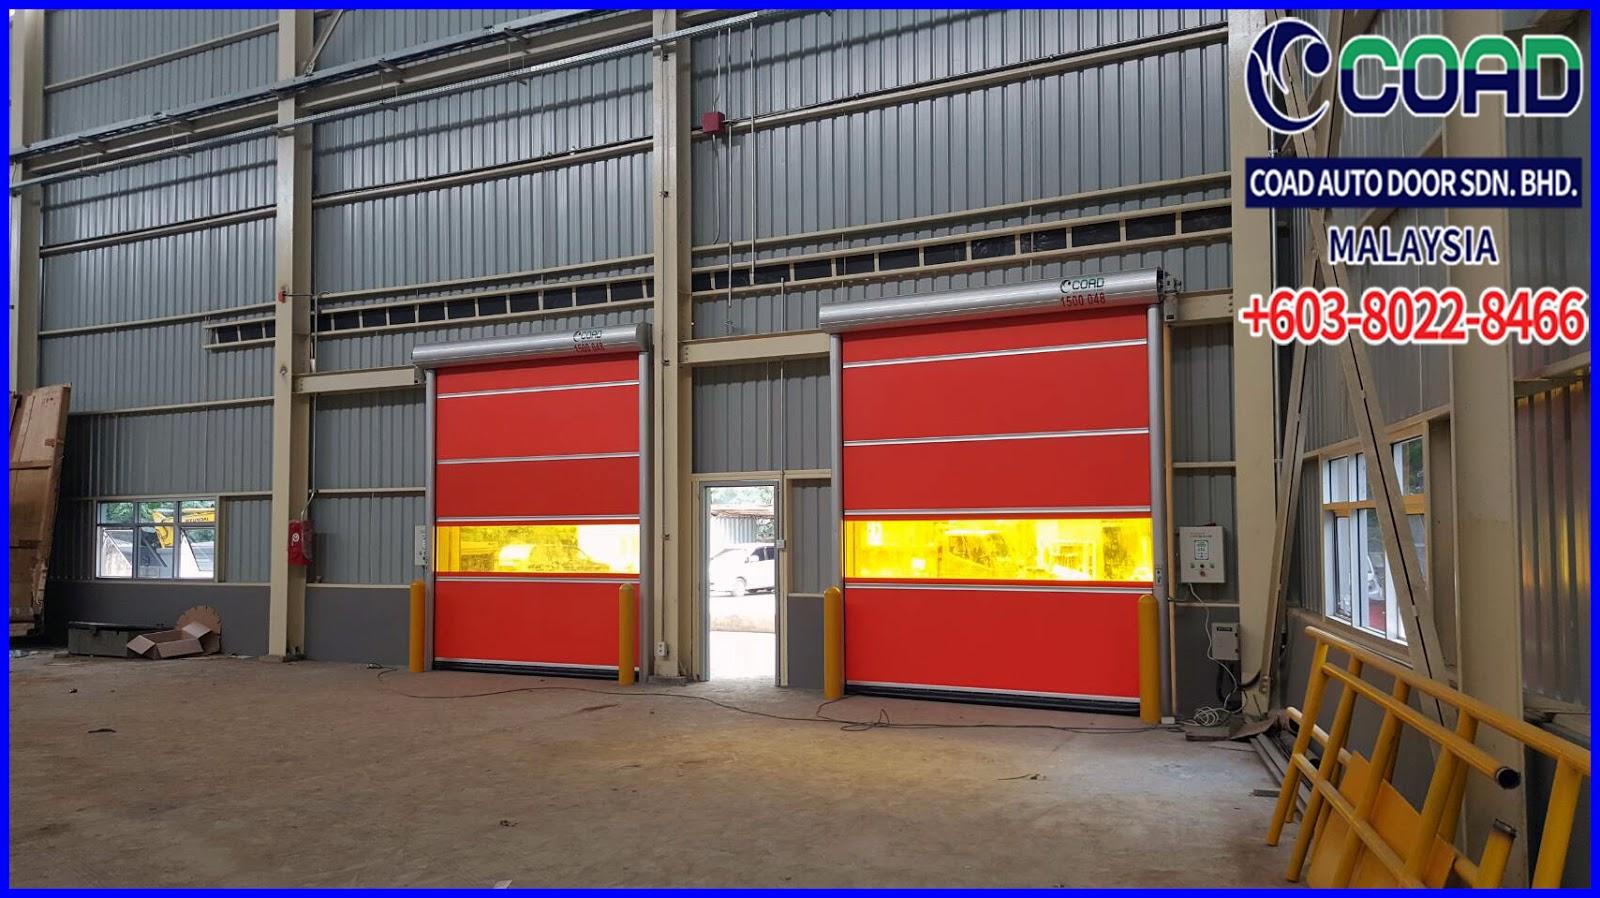 High Speed Door COAD Auto Door Malaysia Steel Roller Shutter Doors Shutter Doors & High Speed Door COAD Auto Door Malaysia Steel Roller Shutter Doors ...